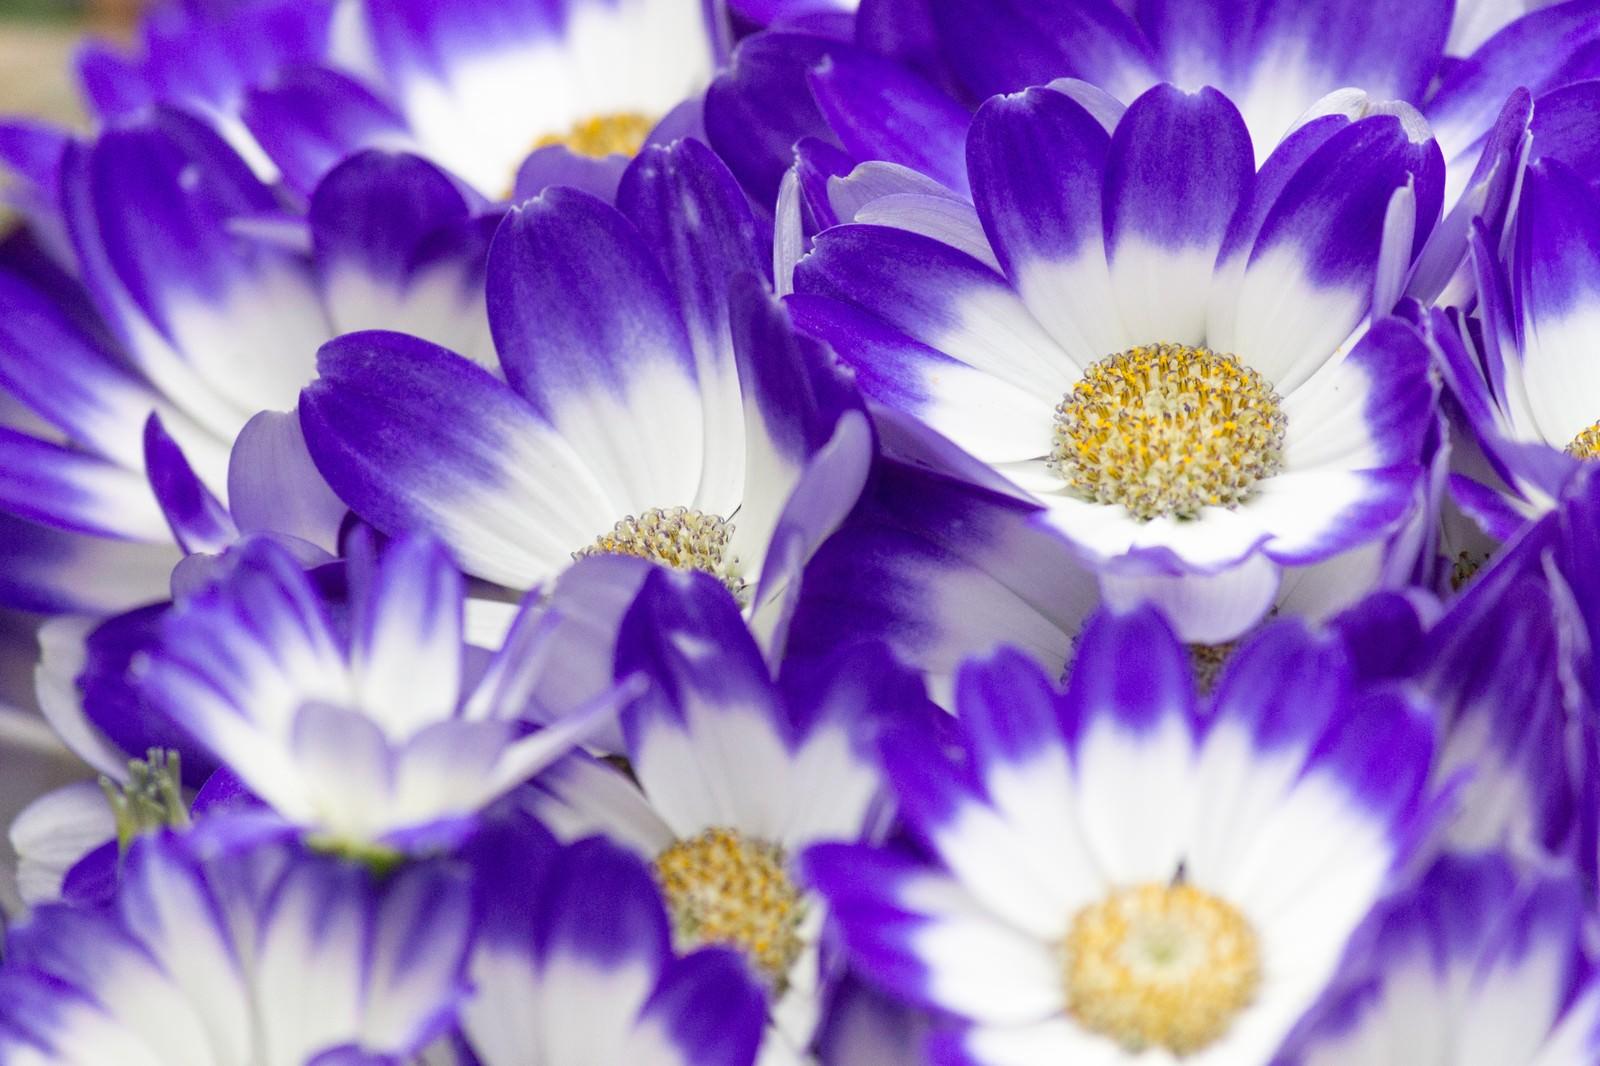 「咲き始めた花咲き始めた花」のフリー写真素材を拡大